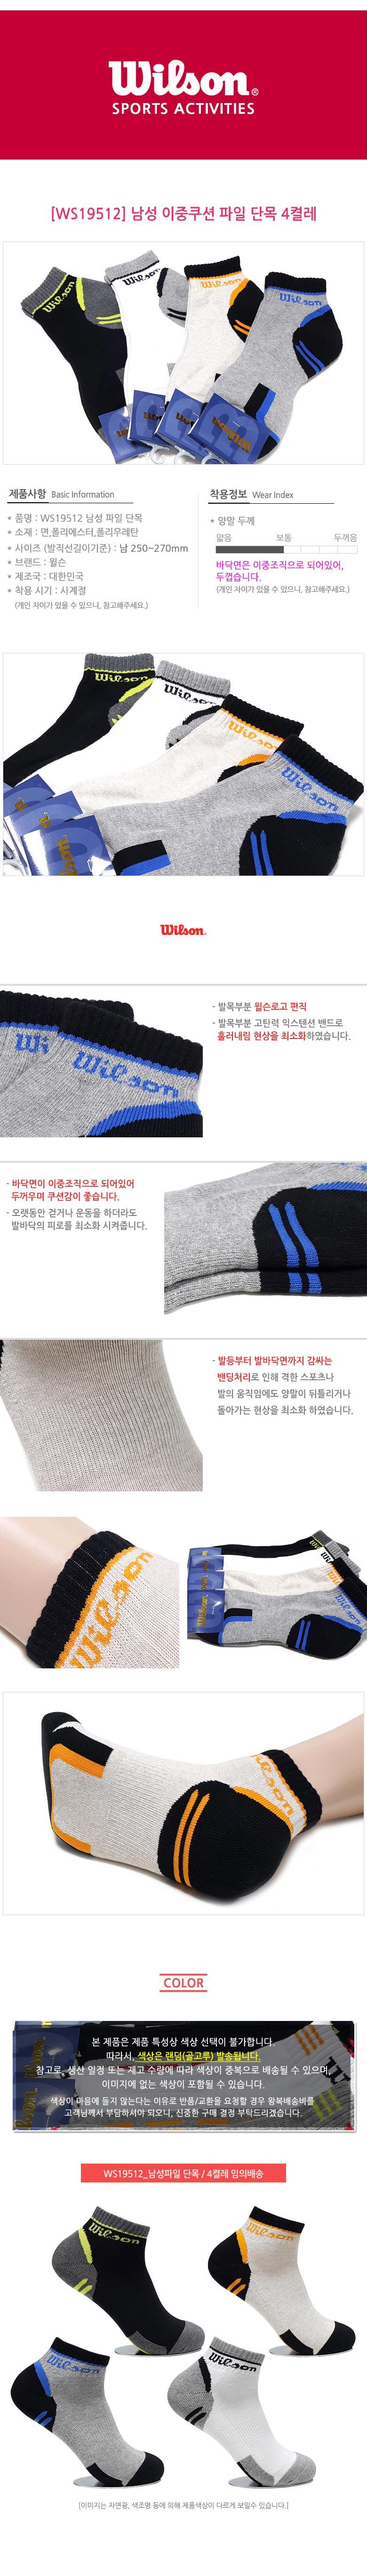 남성 이중쿠션파일 스포츠양말 랜덤 4켤레 발송 - 익스트리모, 12,000원, 남성양말, 패션양말